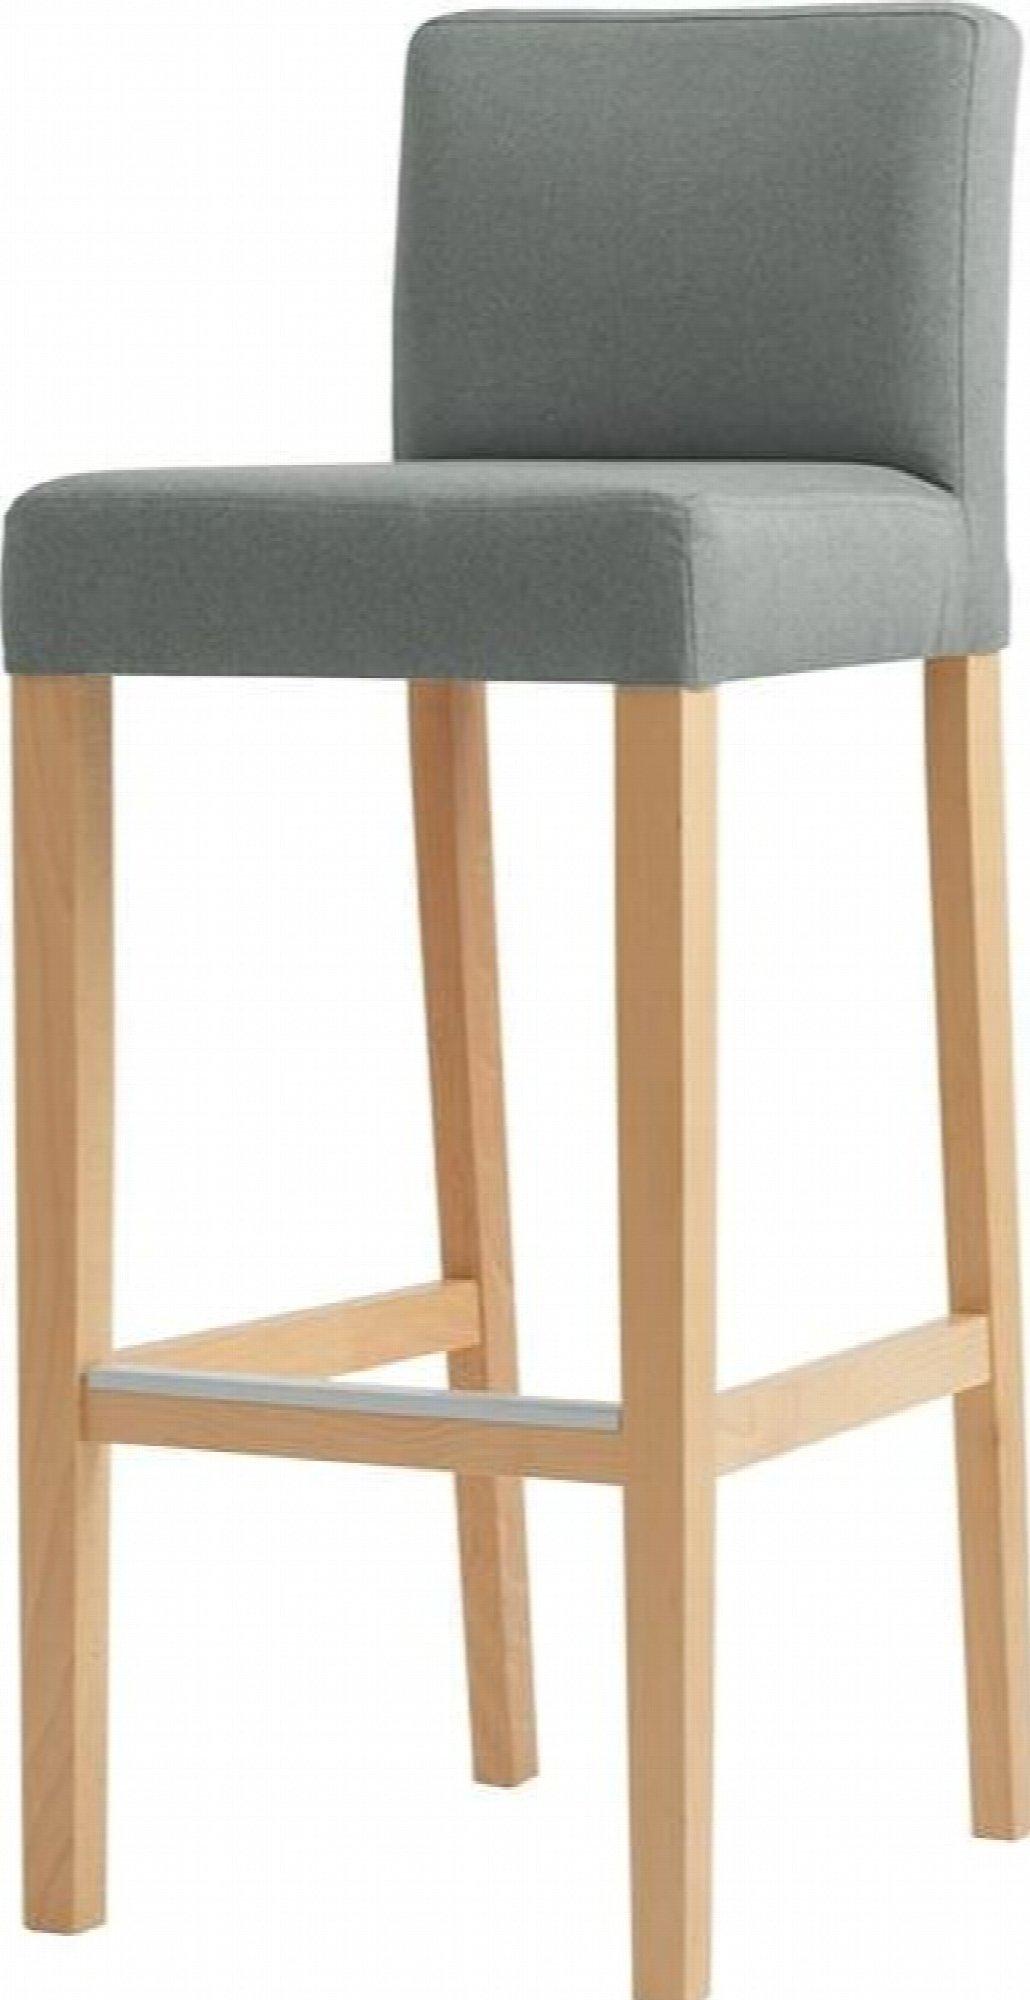 maison du monde Chaise de bar tissu rembourrée gris pieds bois massif clair